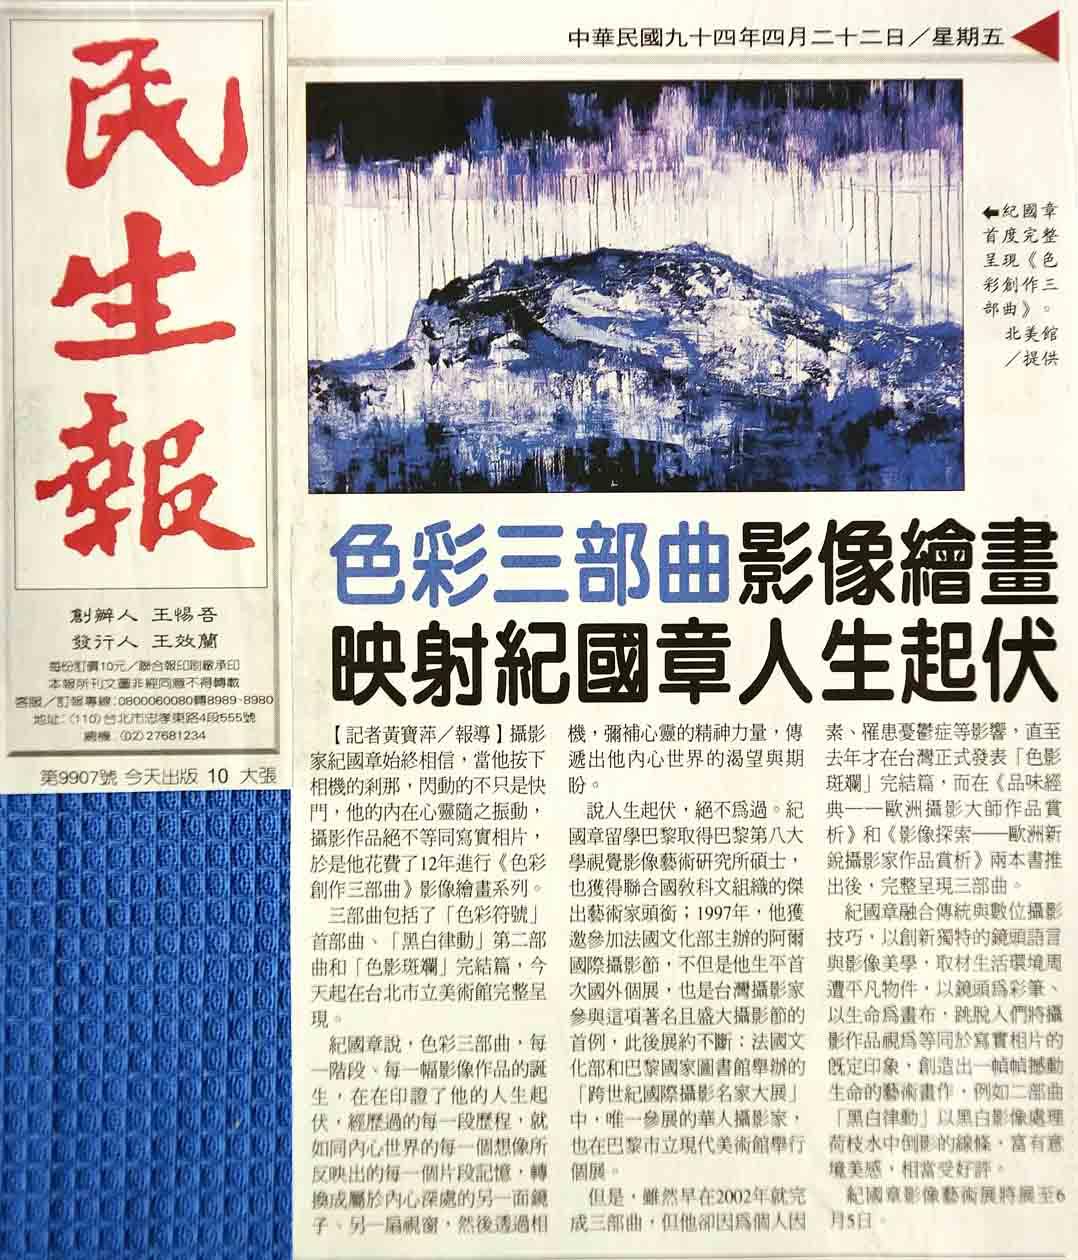 紀國章老師2005北美館色彩三部曲展覽主流媒體報導-3.jpg